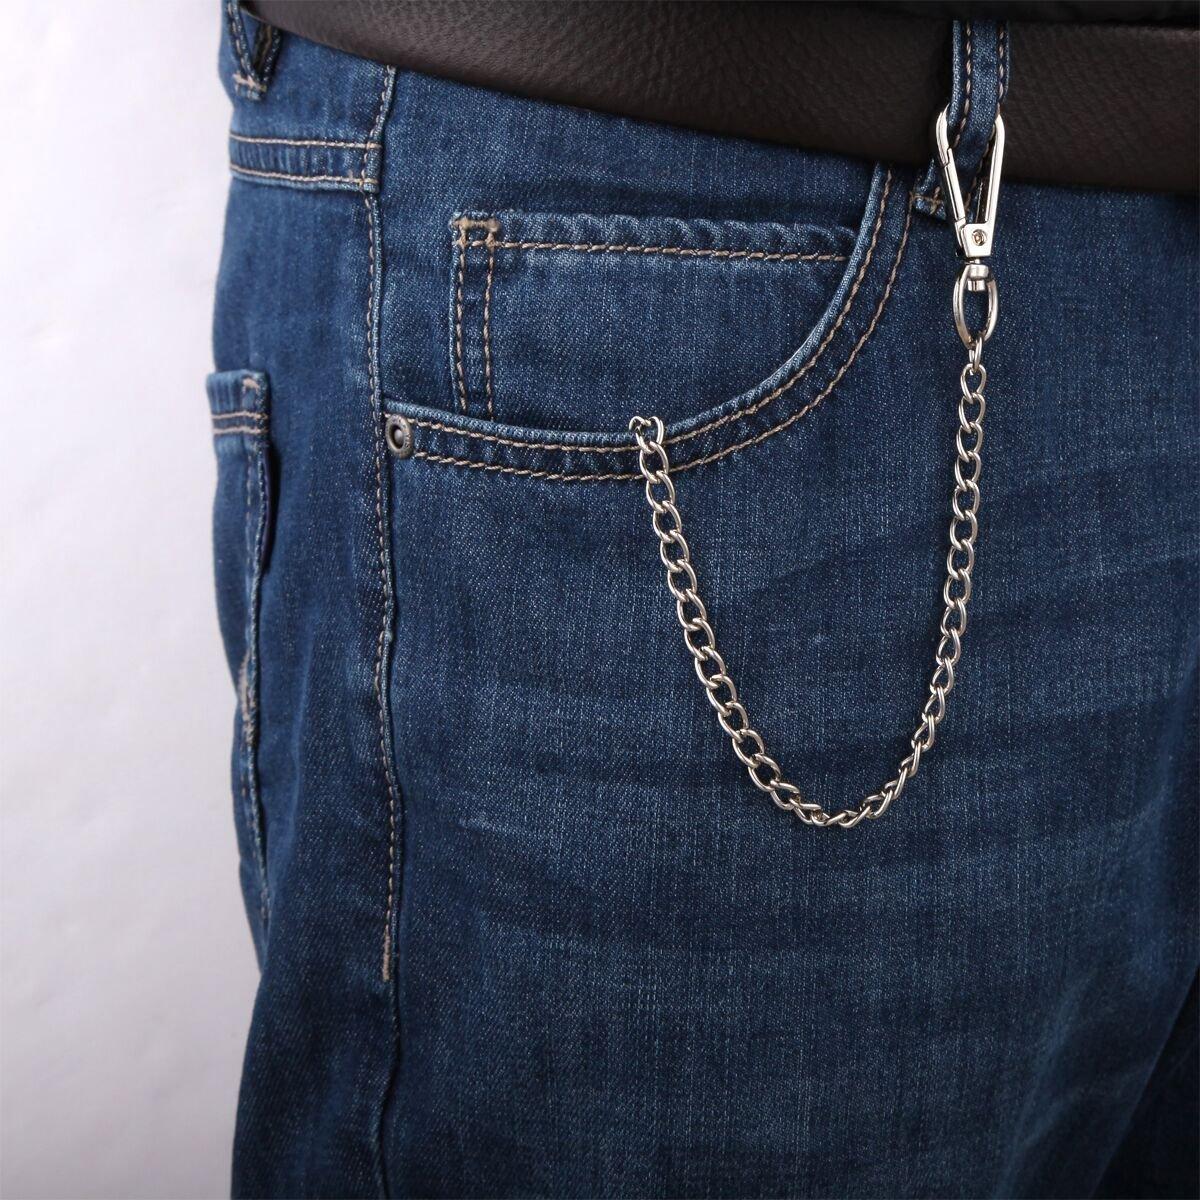 EVELTEK Metal Llaveros con Cadena Pantalones Hombres Monedero de la Cadena Dominante (KE-10A)